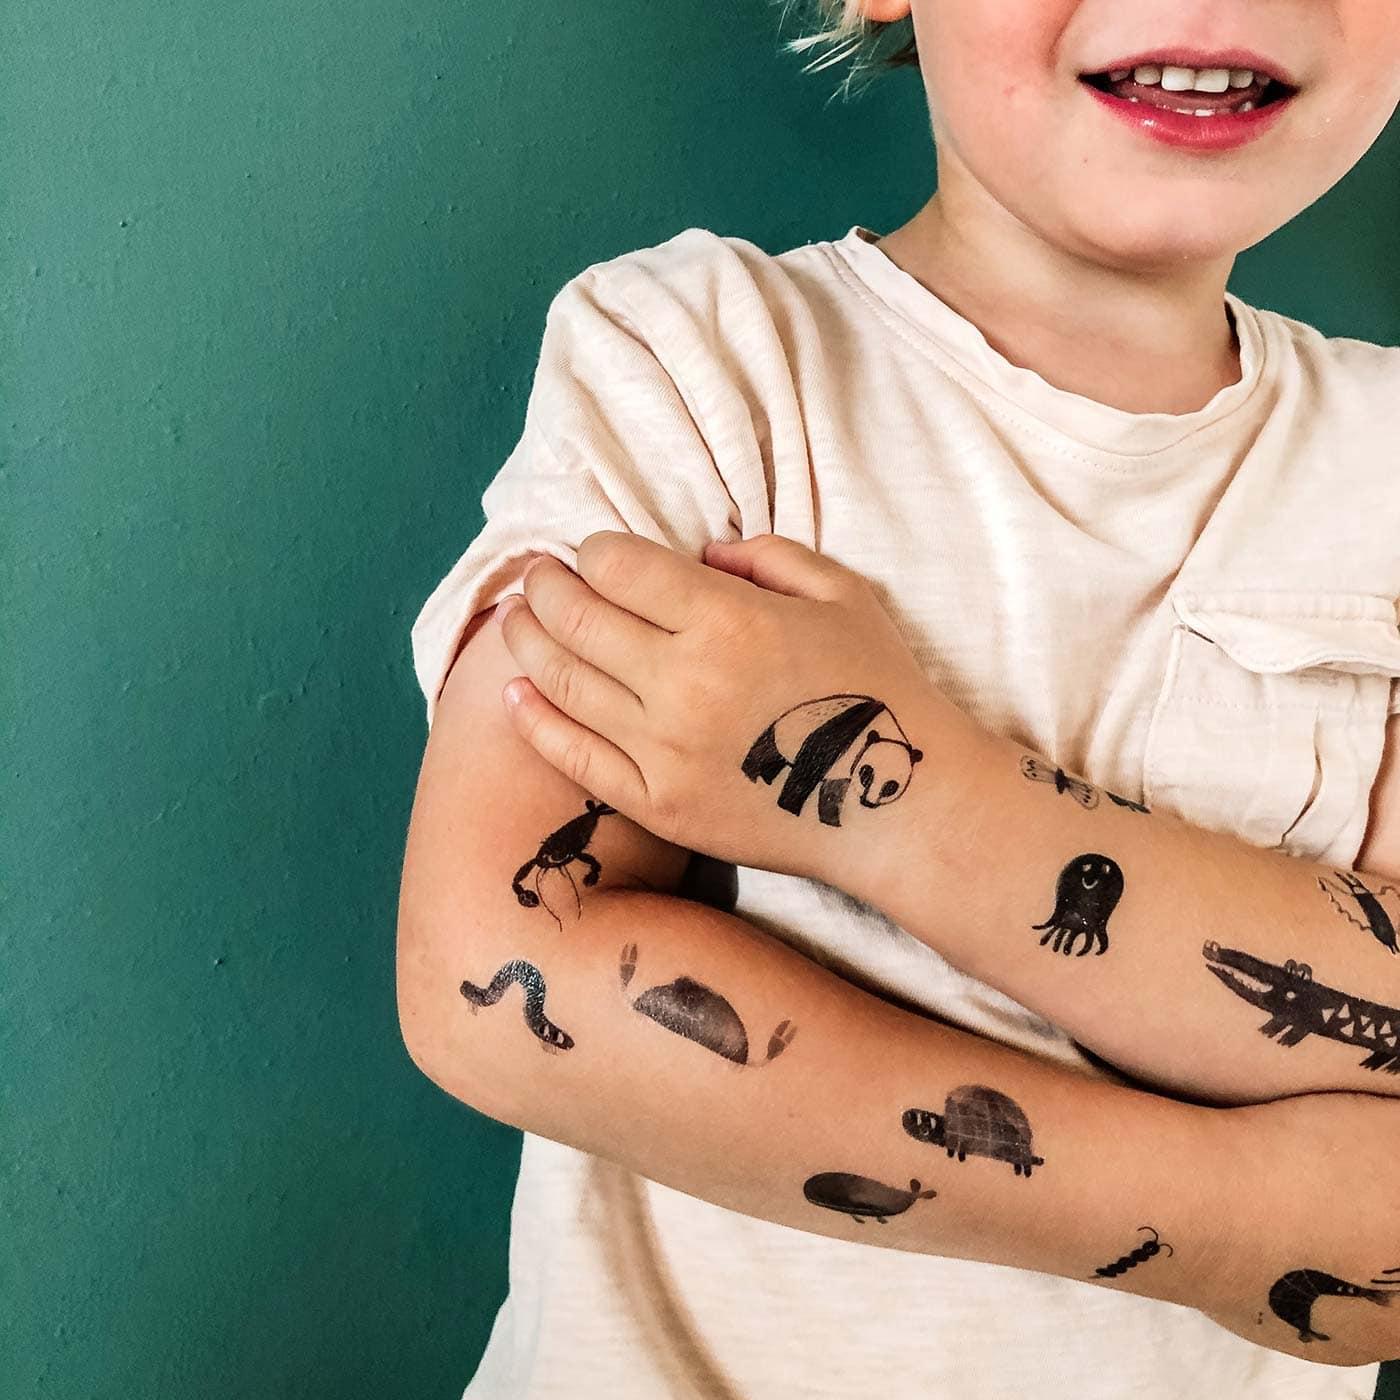 Super Tattoos für Kinder von Karin Lubenau bei nuuk // HIMBEER